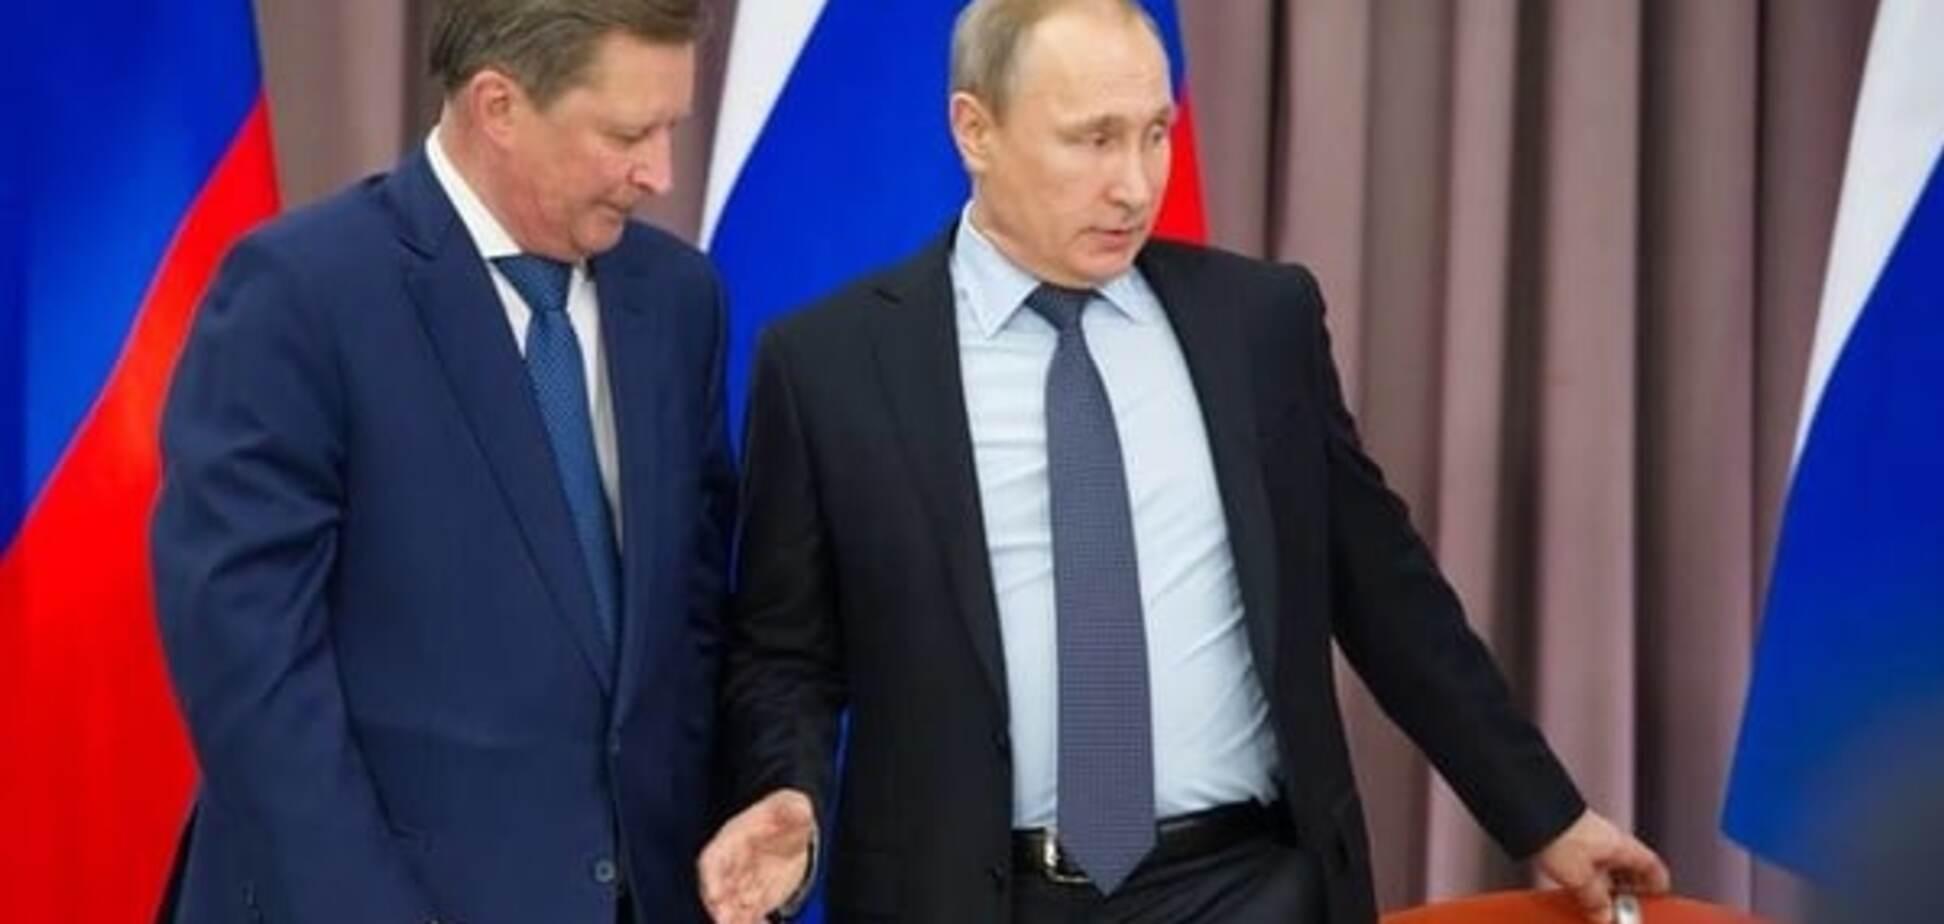 Видимо, у Путина и его режима началась серьезная агония